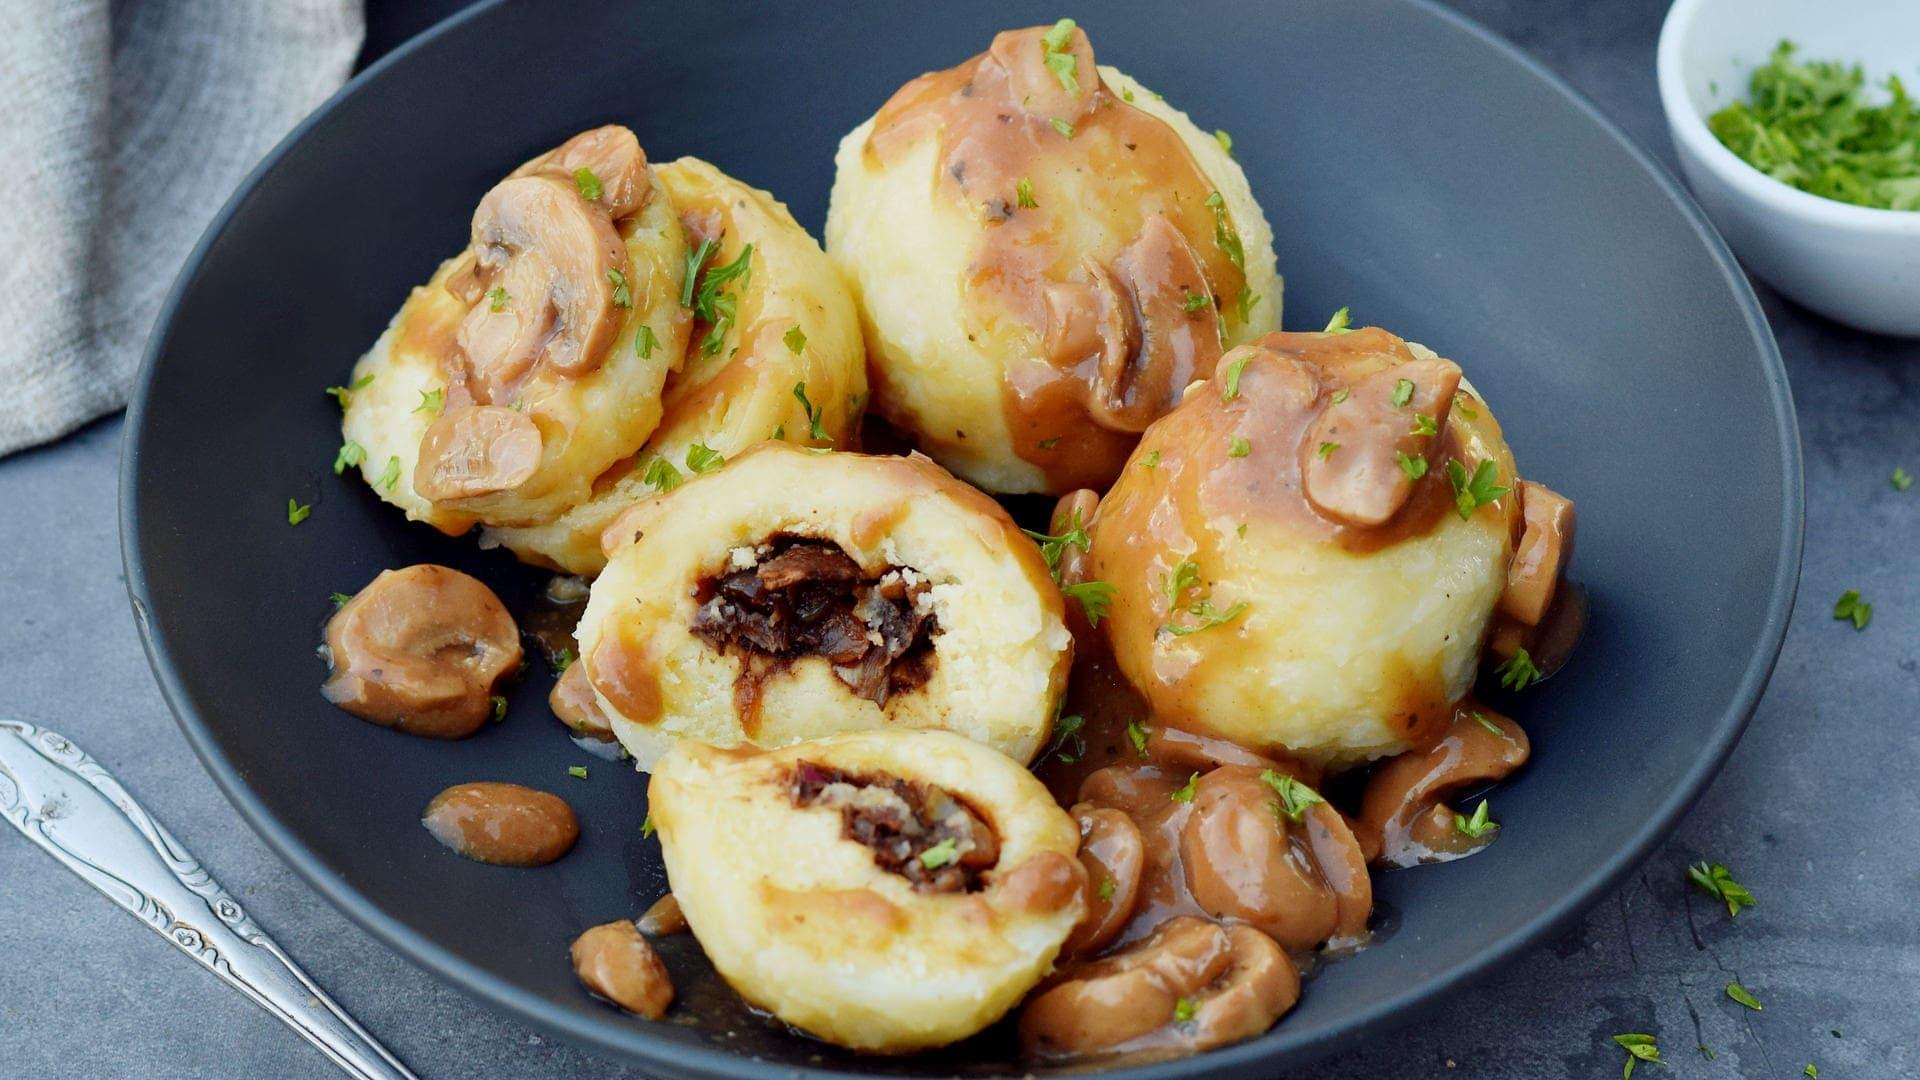 Queraufnahme von gefüllten Kartoffelknödeln mit Champignonsoße